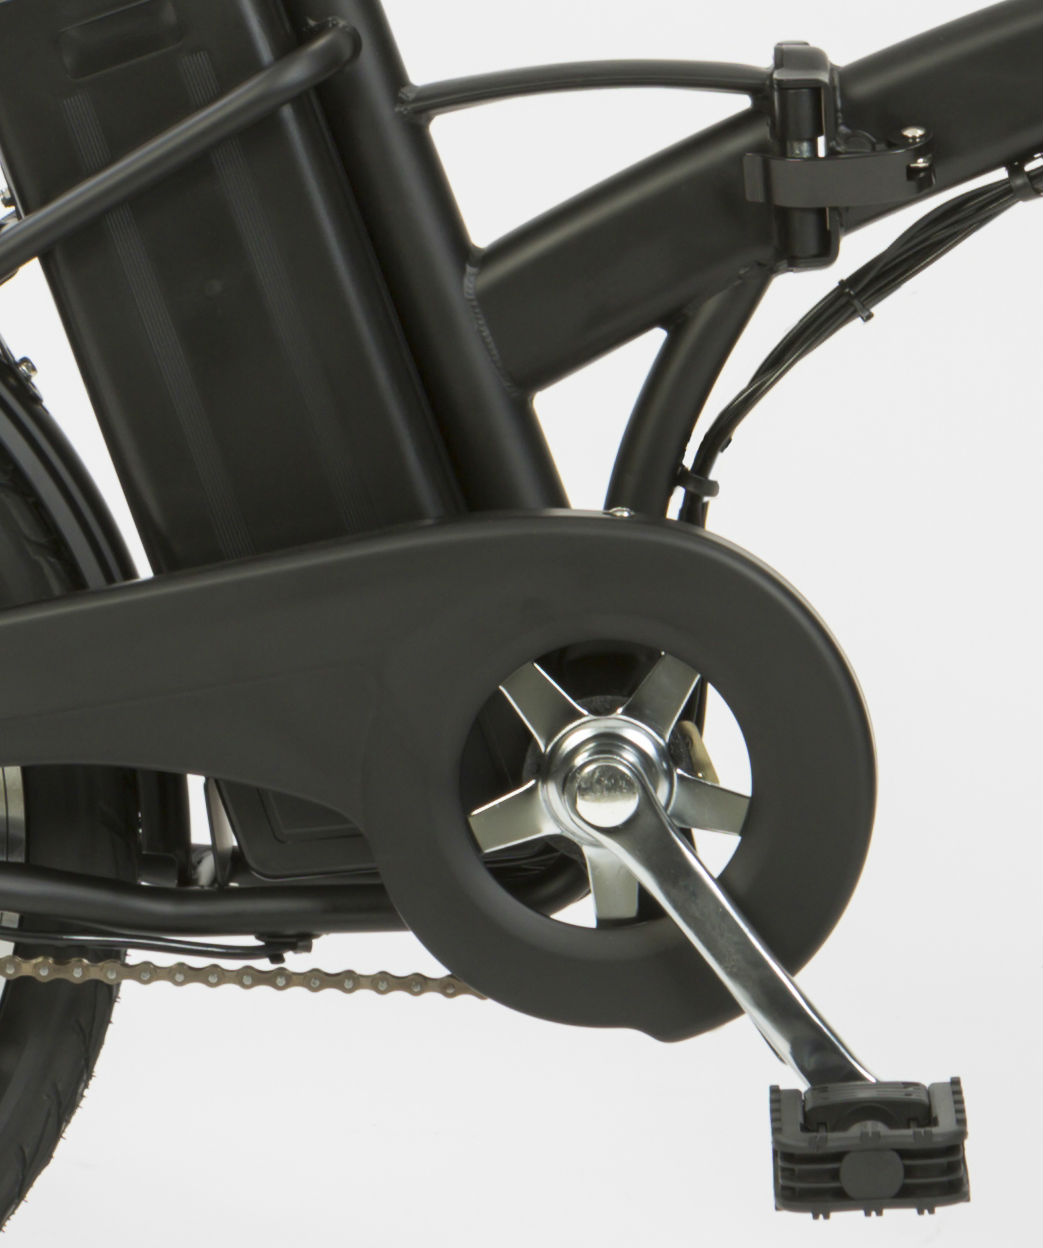 pedal-y-manita-de-plegado-de-e-bike